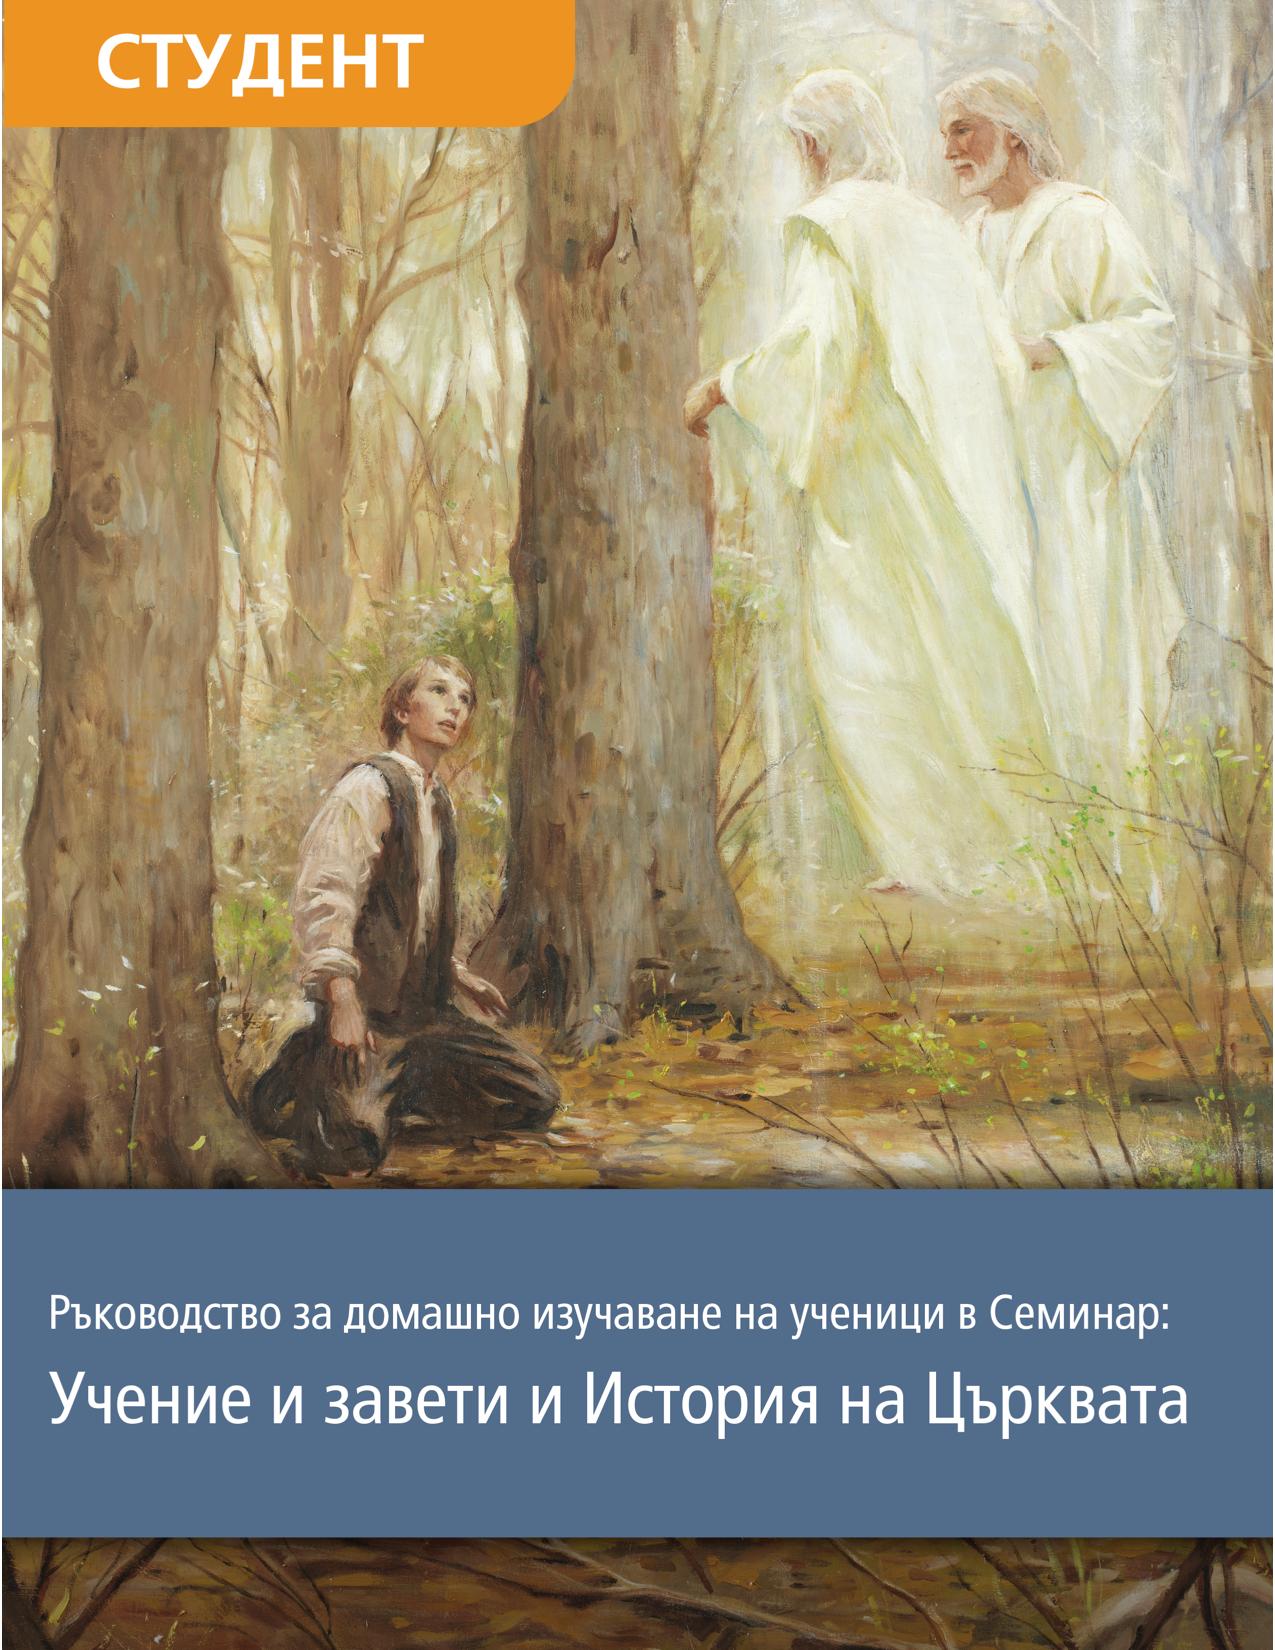 Ръководство за домашно изучаване на ученици в Семинар: Учение и Завети и История на Църквата